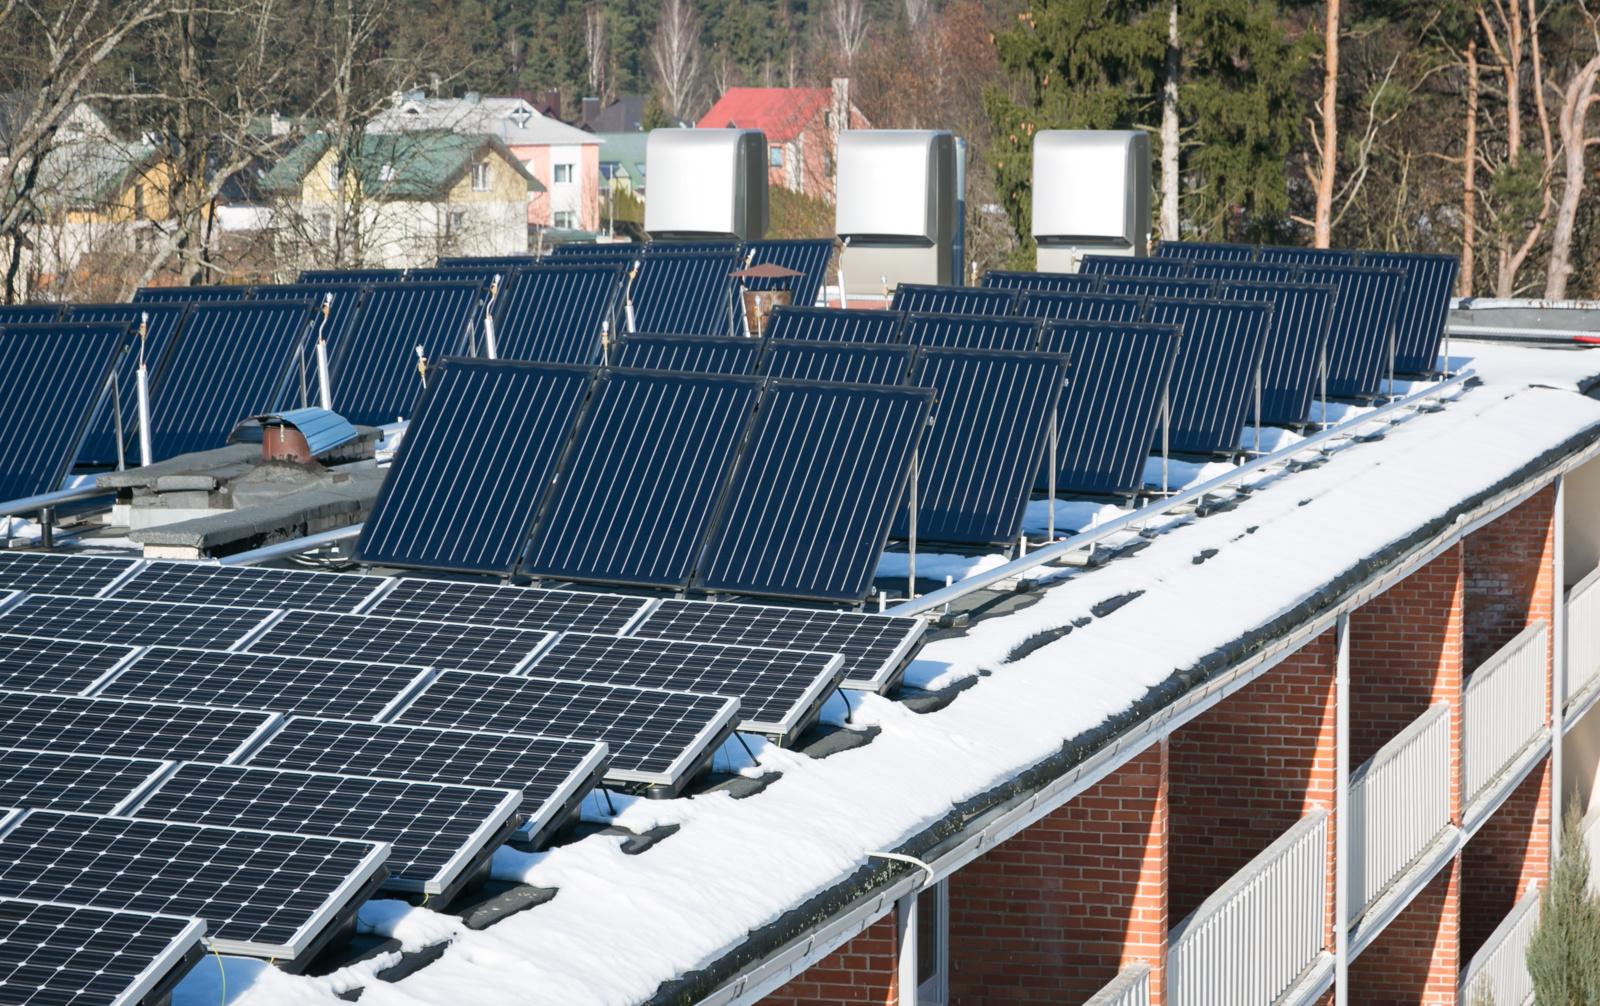 Saulės elektrinės – ant mokyklų, darželių, sveikatos priežiūros ir kitų viešojo sektoriaus įstaigų stogų